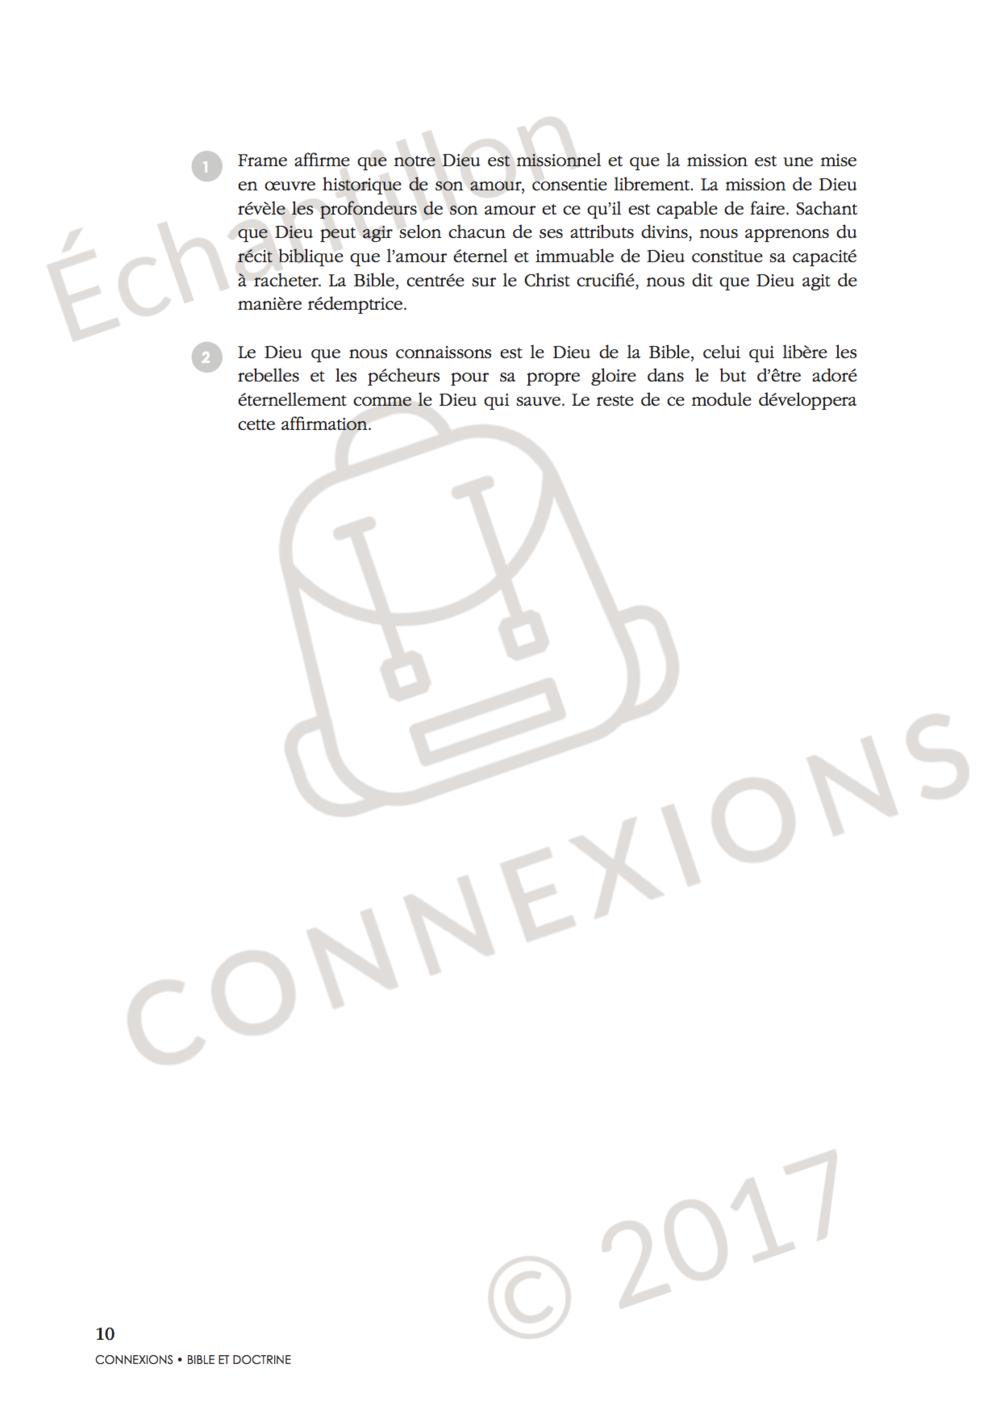 La visée missionnelle du récit biblique_sample_published.7.png